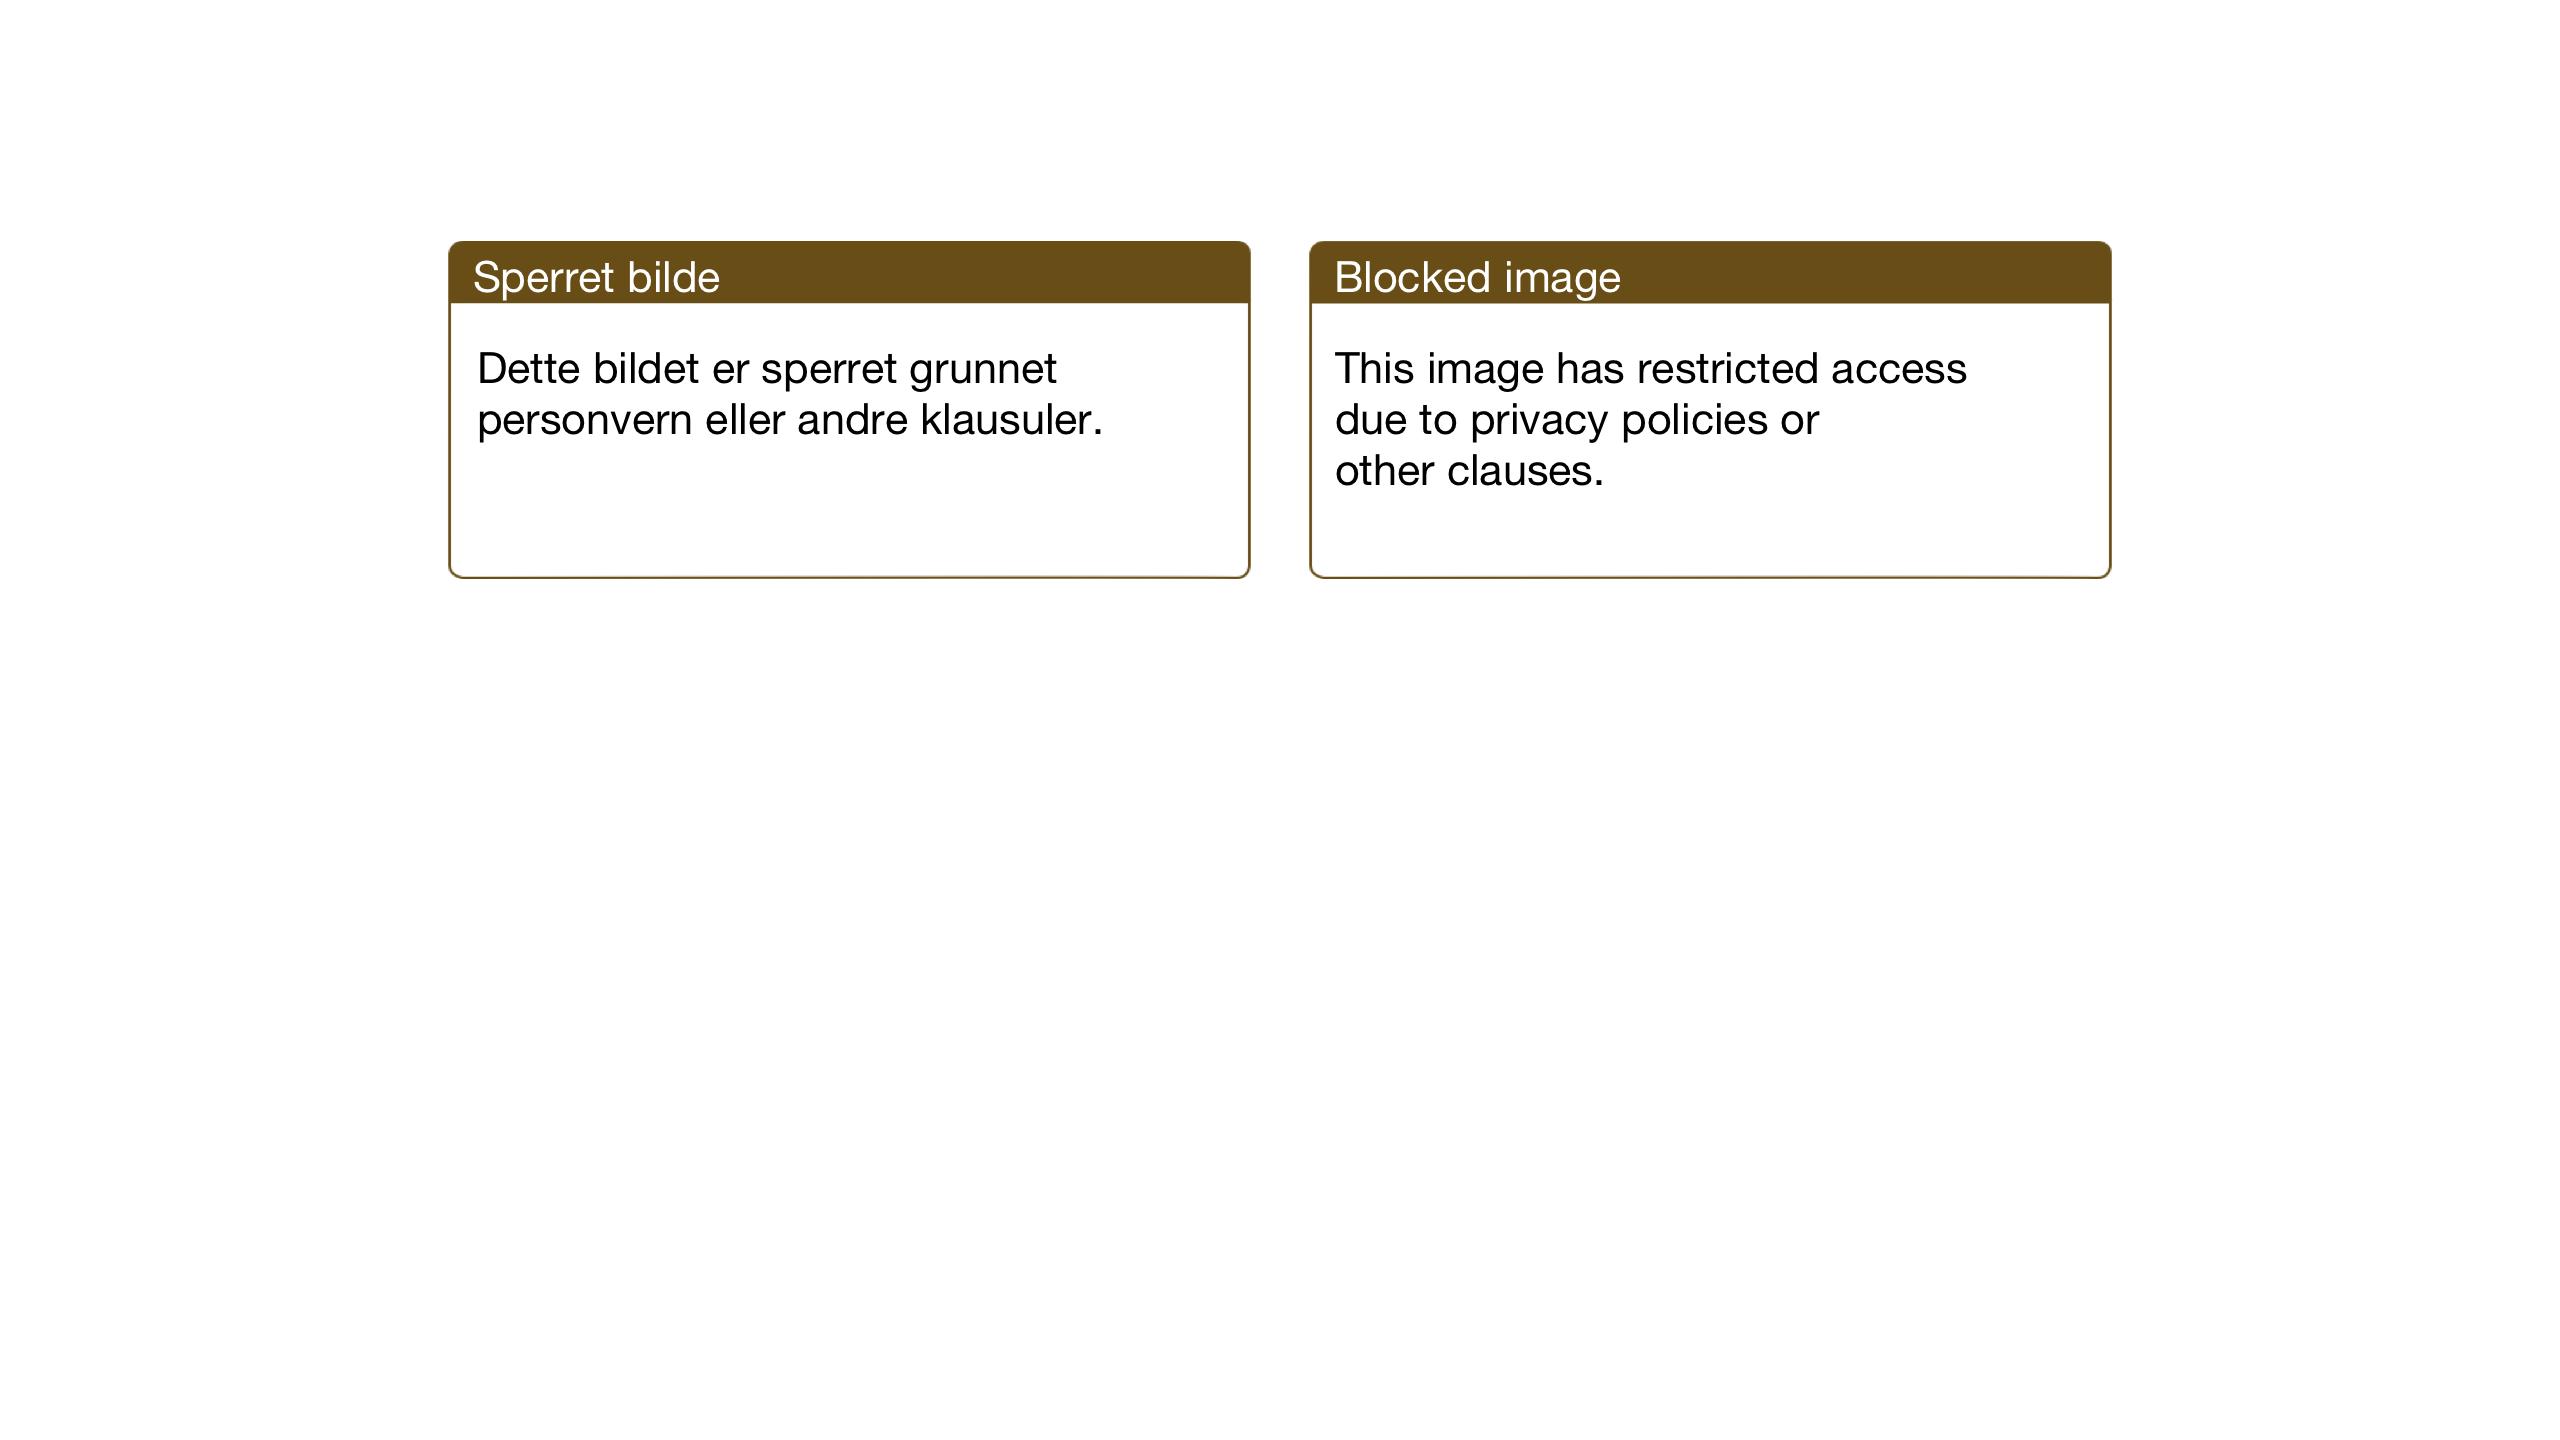 SAT, Ministerialprotokoller, klokkerbøker og fødselsregistre - Nord-Trøndelag, 710/L0097: Klokkerbok nr. 710C02, 1925-1955, s. 96